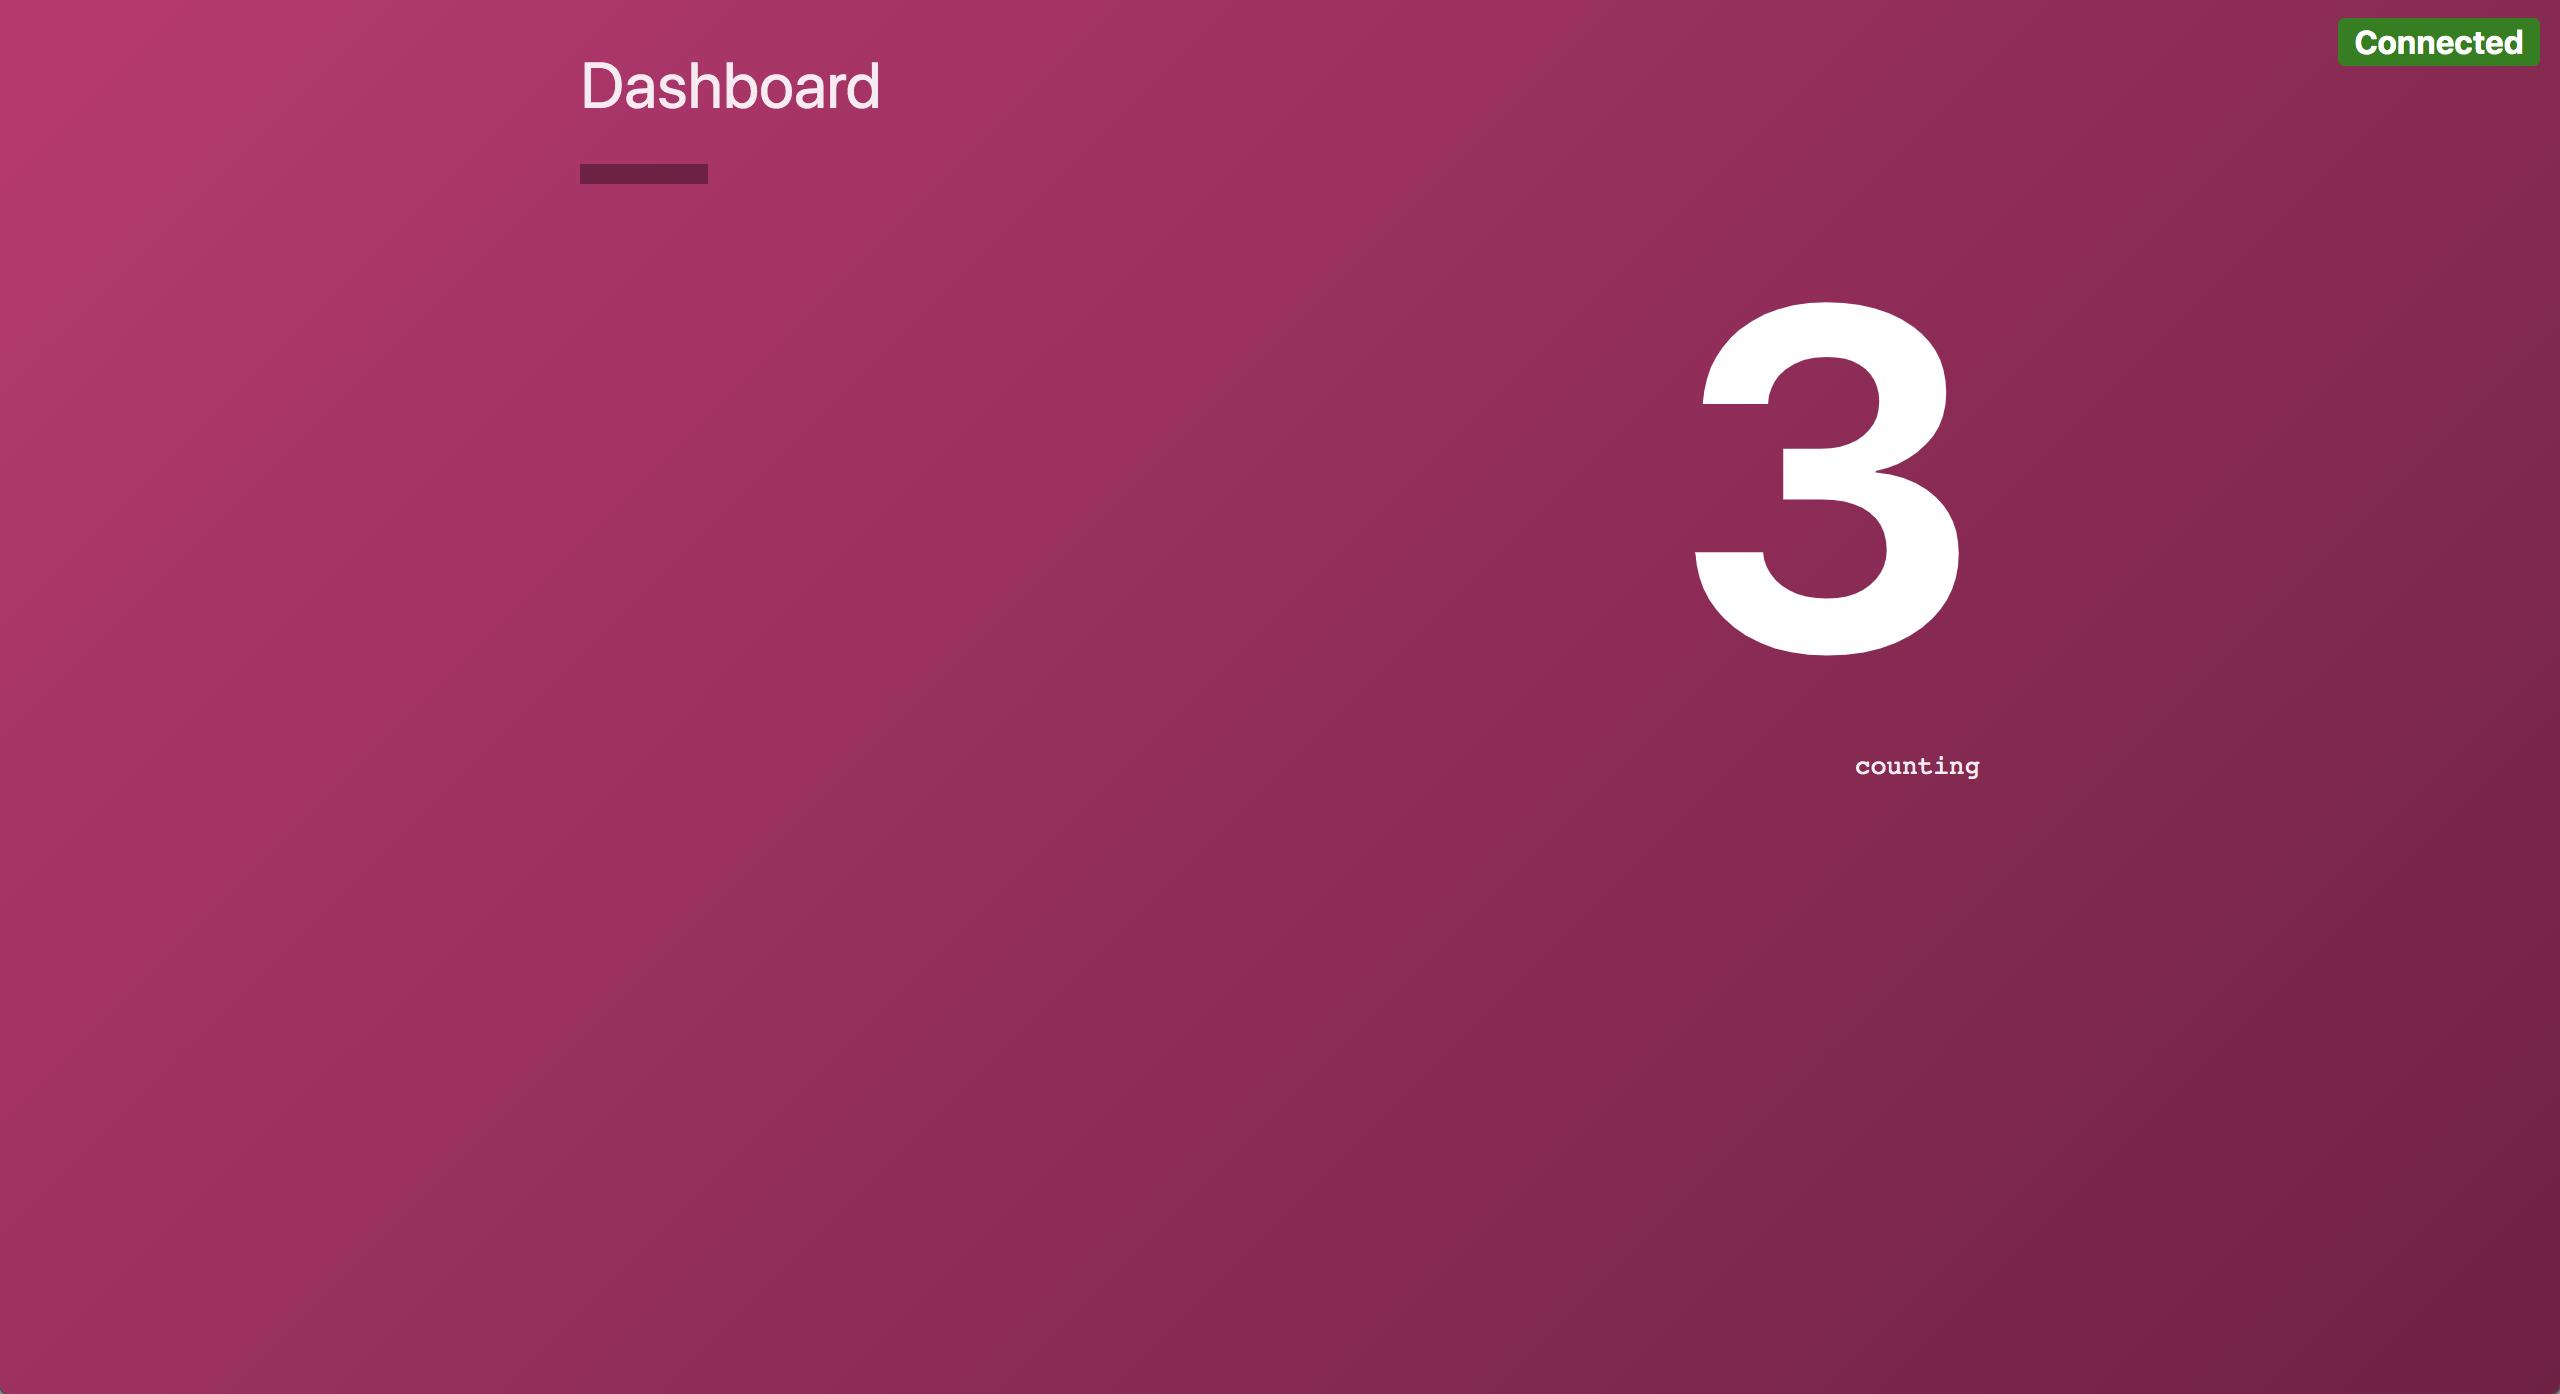 Dashboard service